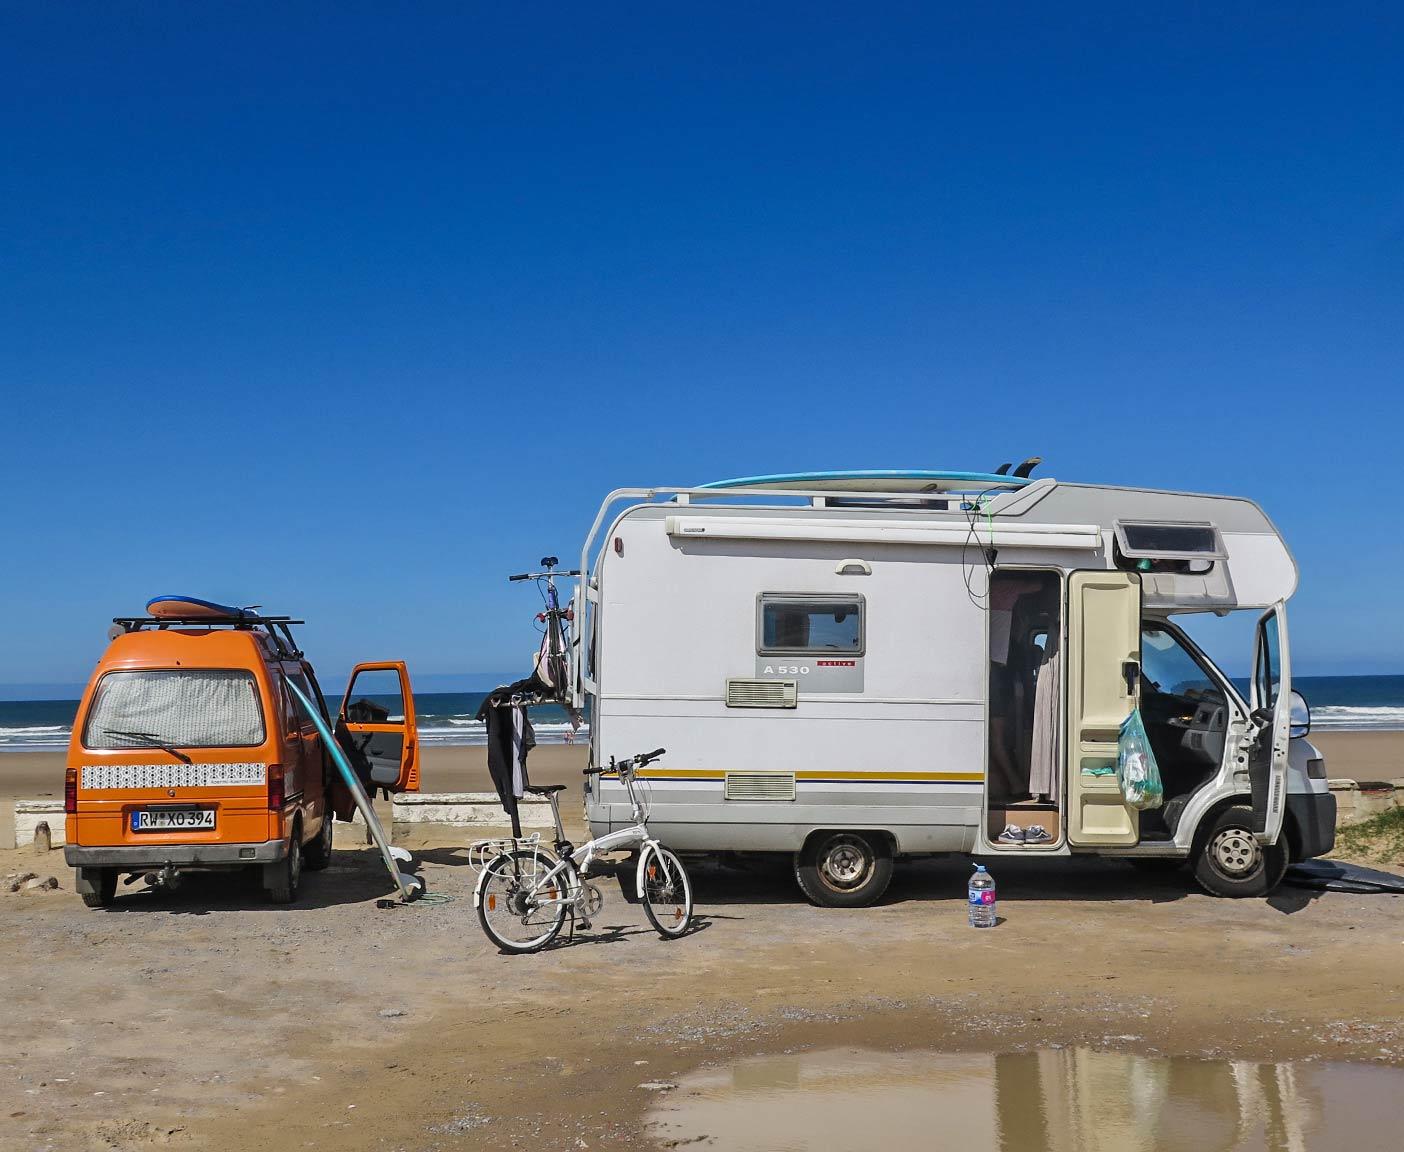 piaggio porter-minicamper-minivan-camper-mini-wohnmobil-kleiner-selbstausbau-10